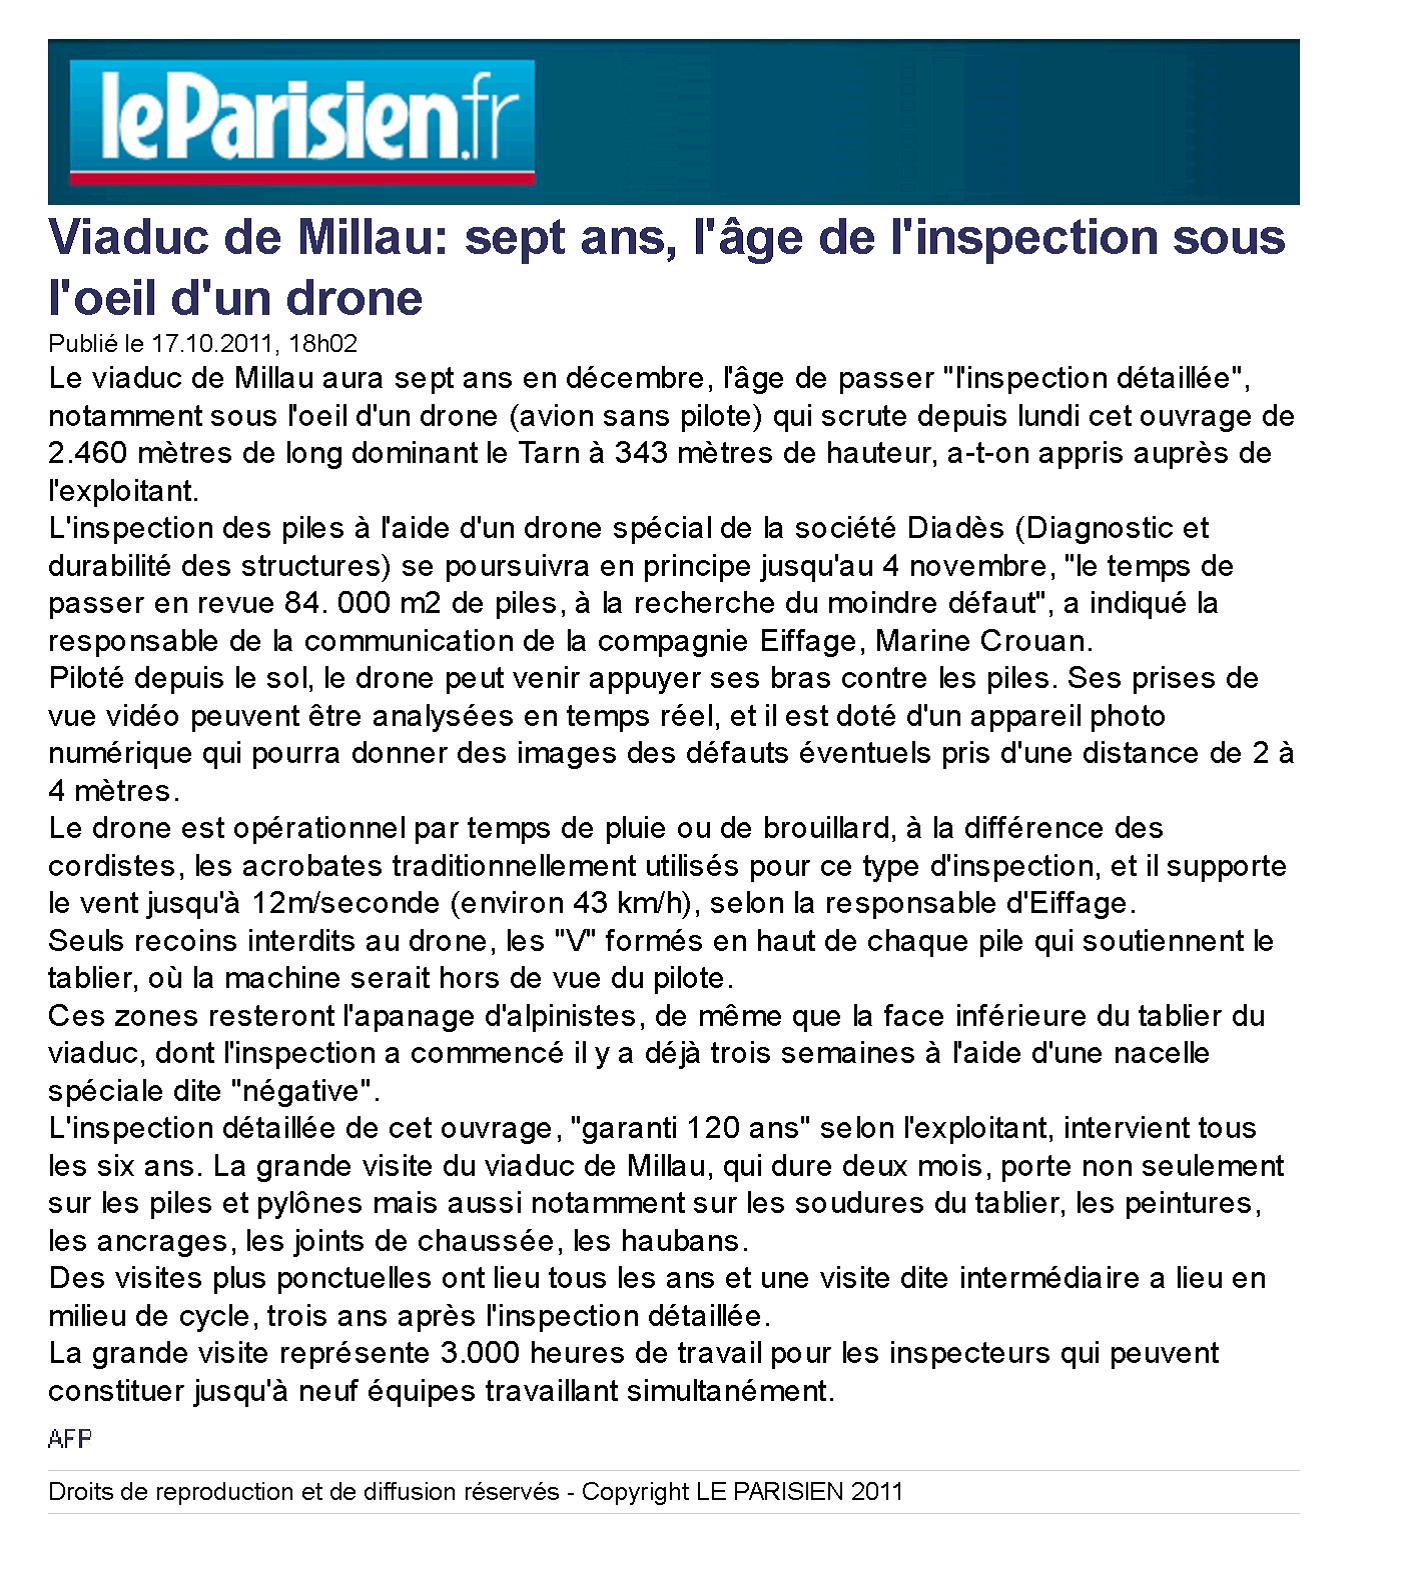 le parisien 17 10 2011 viaduc de millau sept ans l 39 ge de l 39 inspection sous l 39 oeil d 39 un. Black Bedroom Furniture Sets. Home Design Ideas